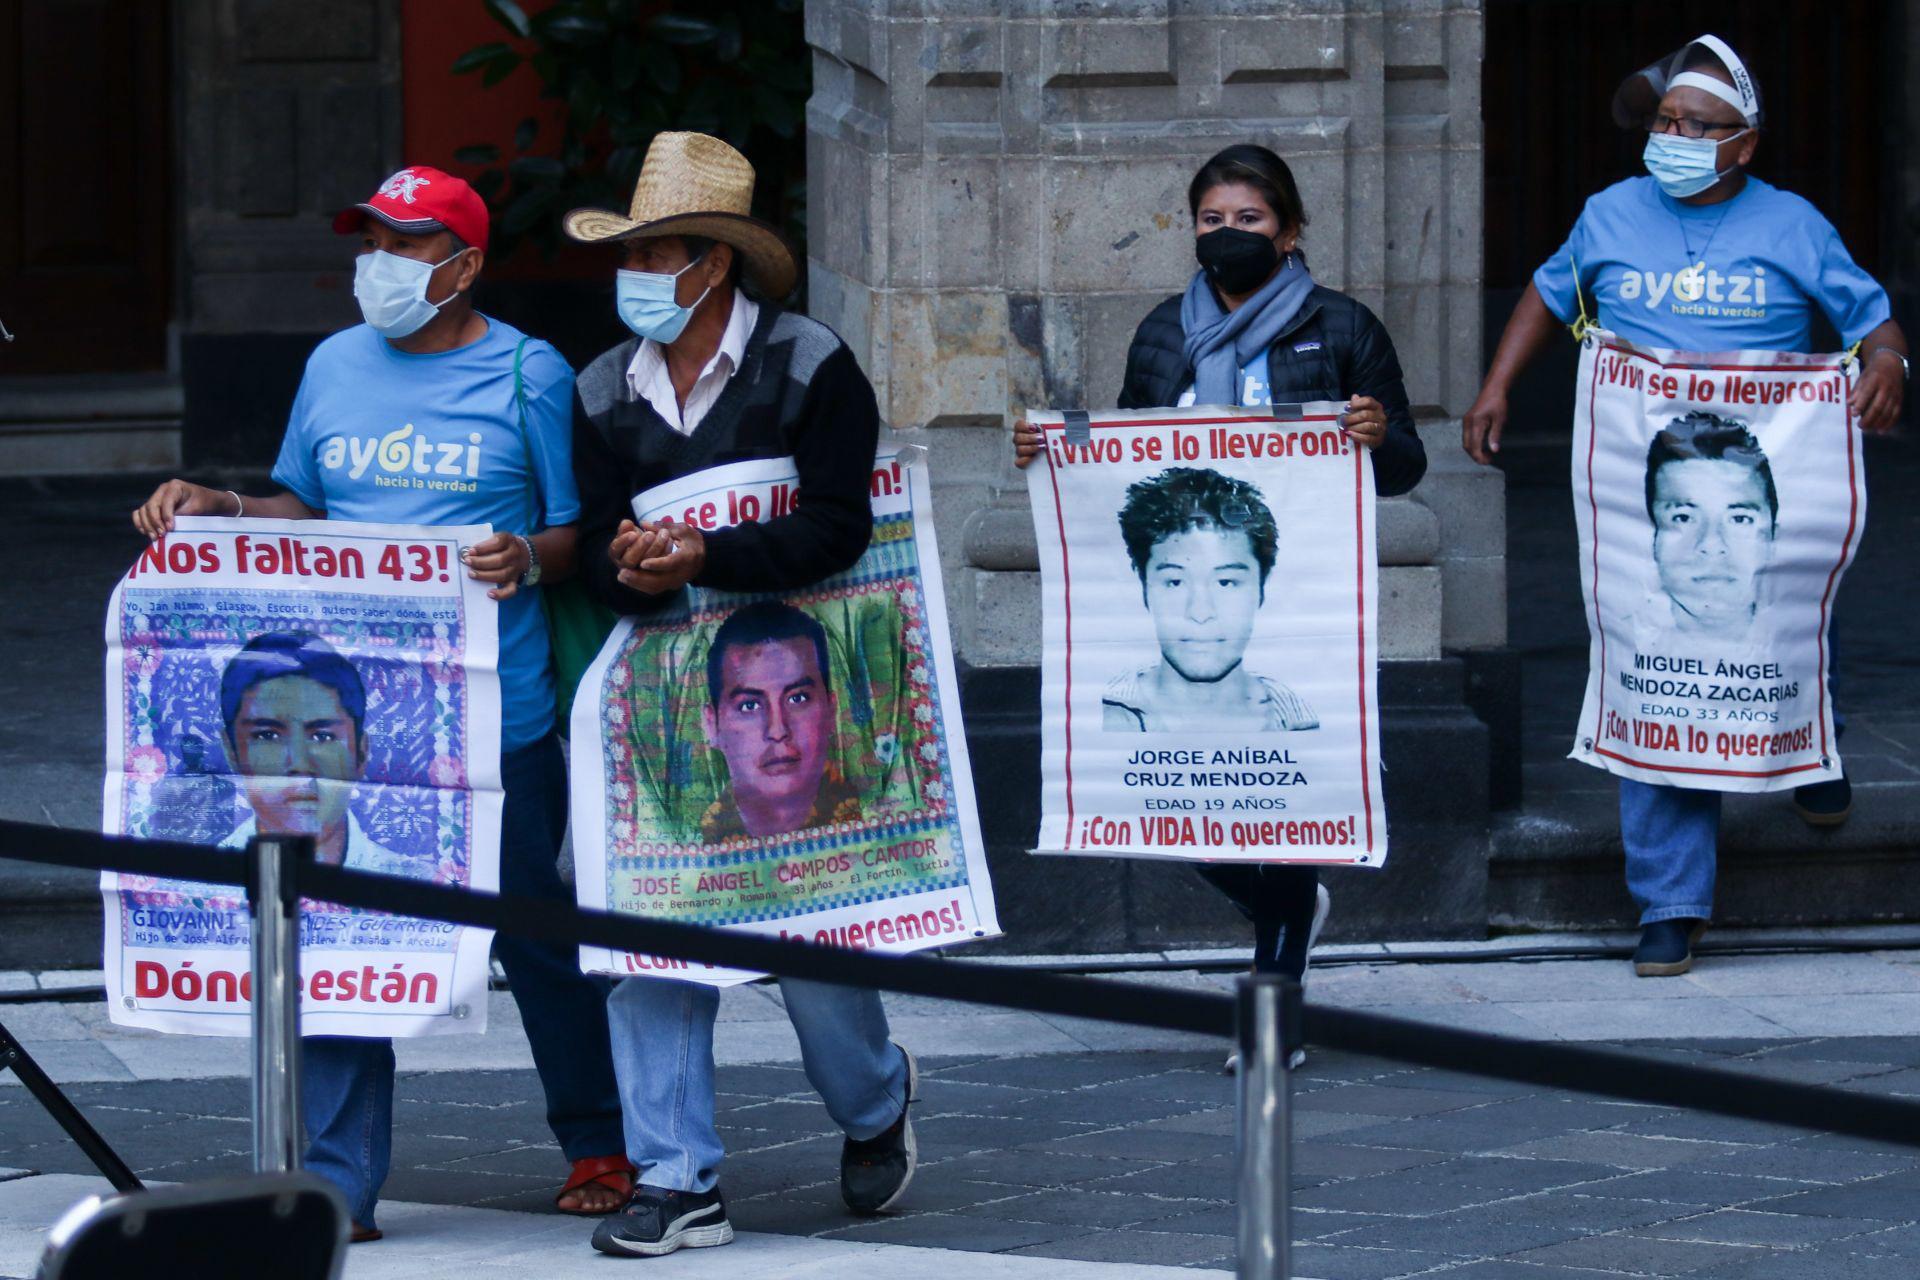 """CIUDAD DE MÉXICO, 26SEPTIEMBRE2020.- A seis años de la desaparición forzada de los 43 normalistas de la Normal Rural """"Raúl Isidro Burgos"""" de Ayotzinapa, Guerrero, el gobierno federal, encabezado por Andrés Manuel López Obrador, ofreció un informe con los avances de la nueva investigación iniciada durante su mandato. La cual reconocieron las propias madres y padres de los estudiantes que se encamina a averiguar la verdad, así como la caída completa de la llamada """"Verdad Histórica"""". FOTO: GALO CAÑAS/CUARTOSCURO.COM"""